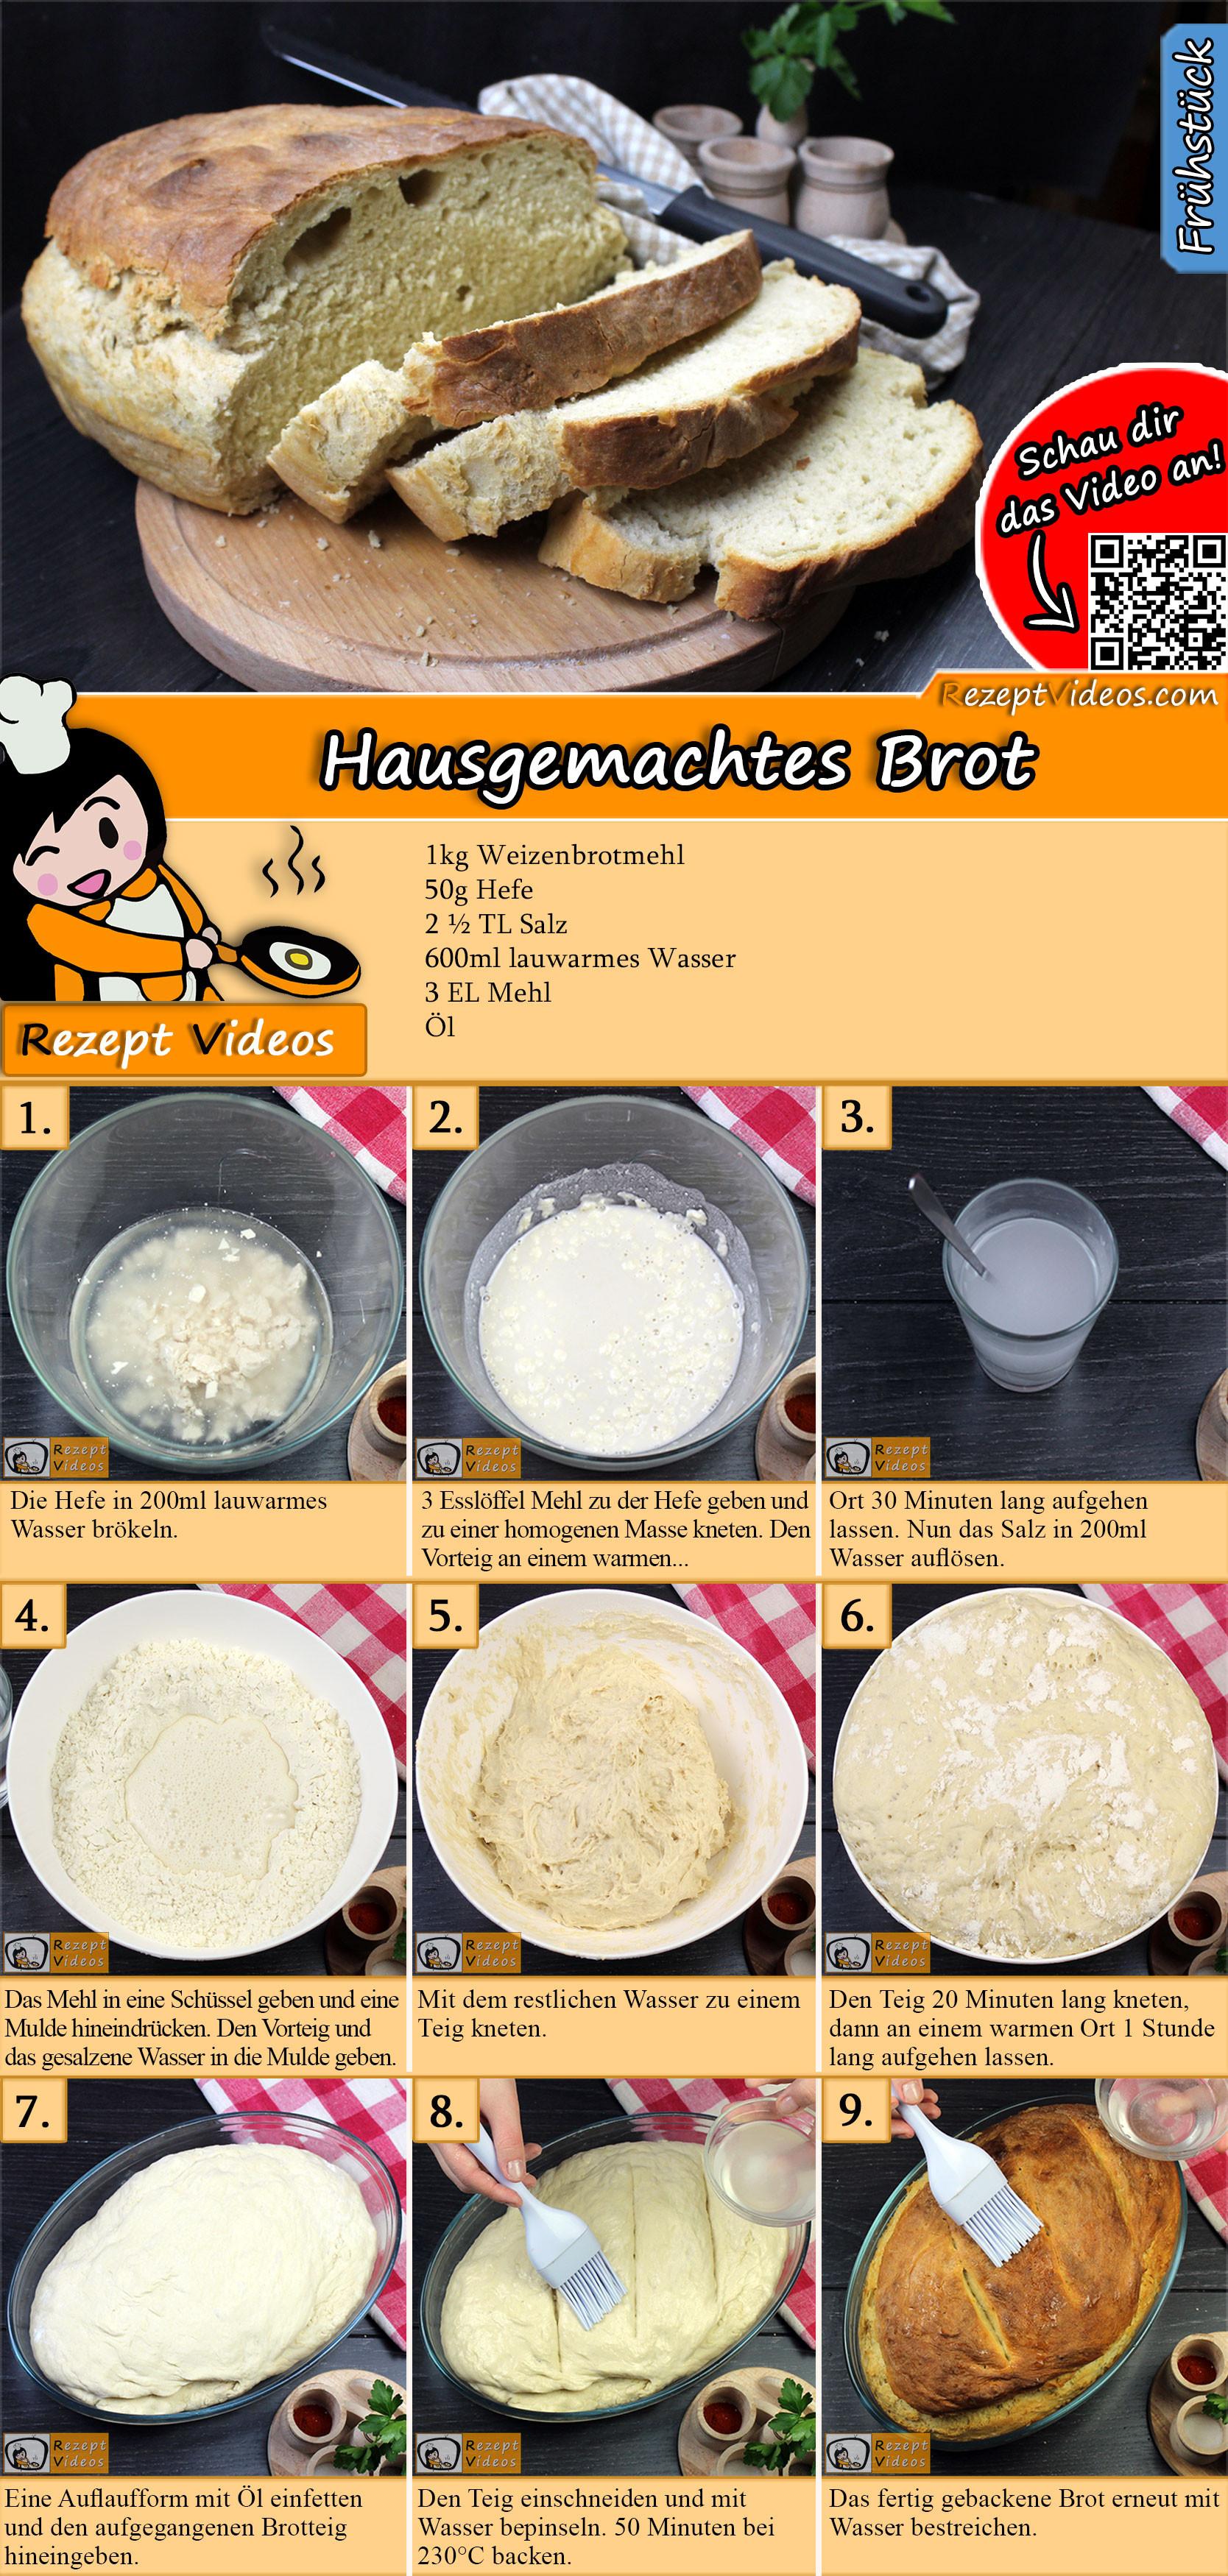 Hausgemachtes Brot Rezept mit Video